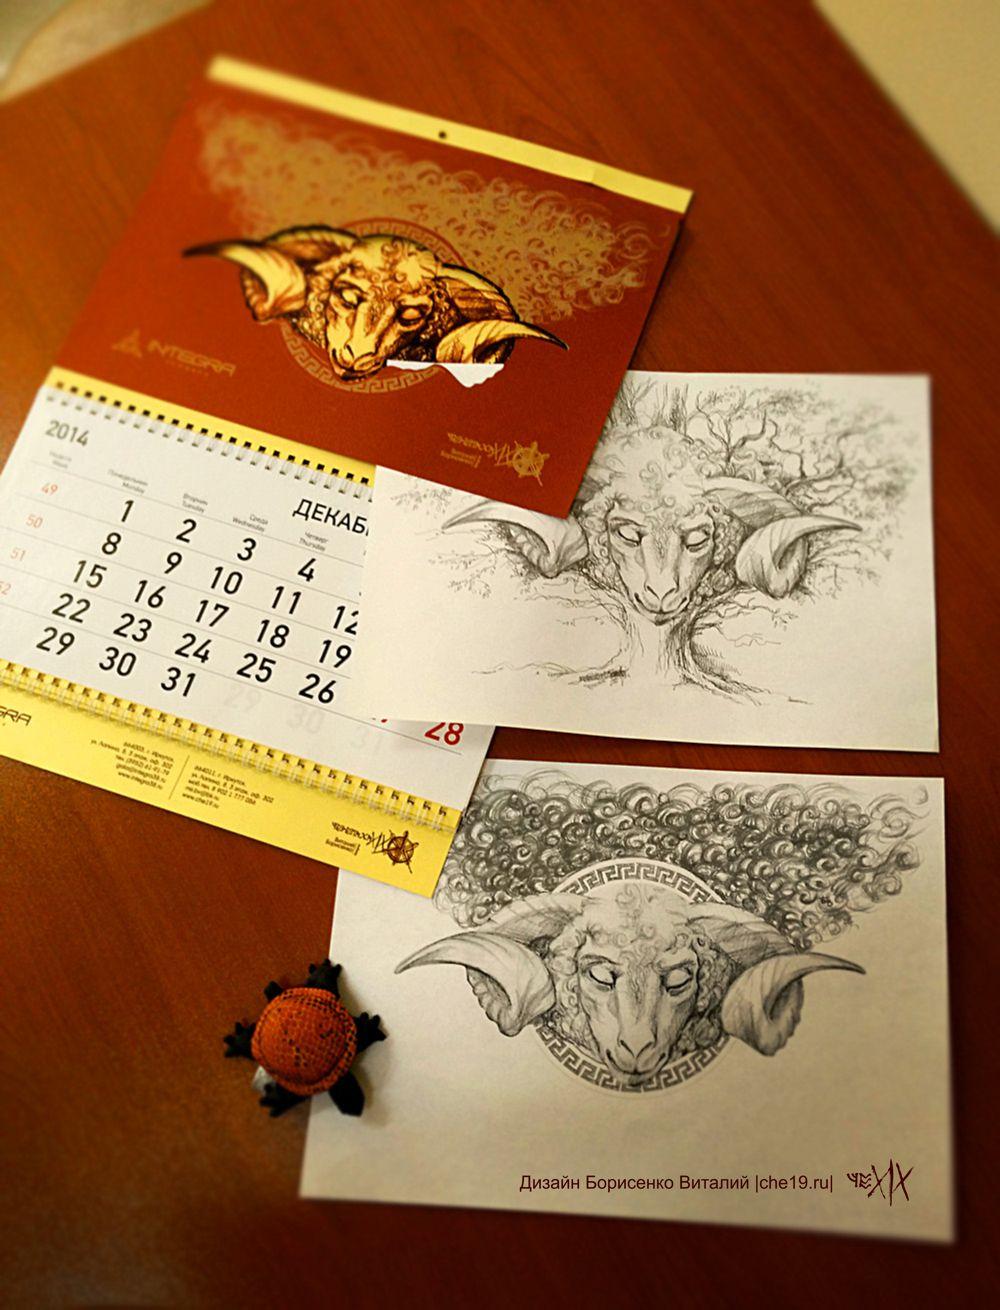 Дизайн квартального календаря для РА ИНТЕГРА